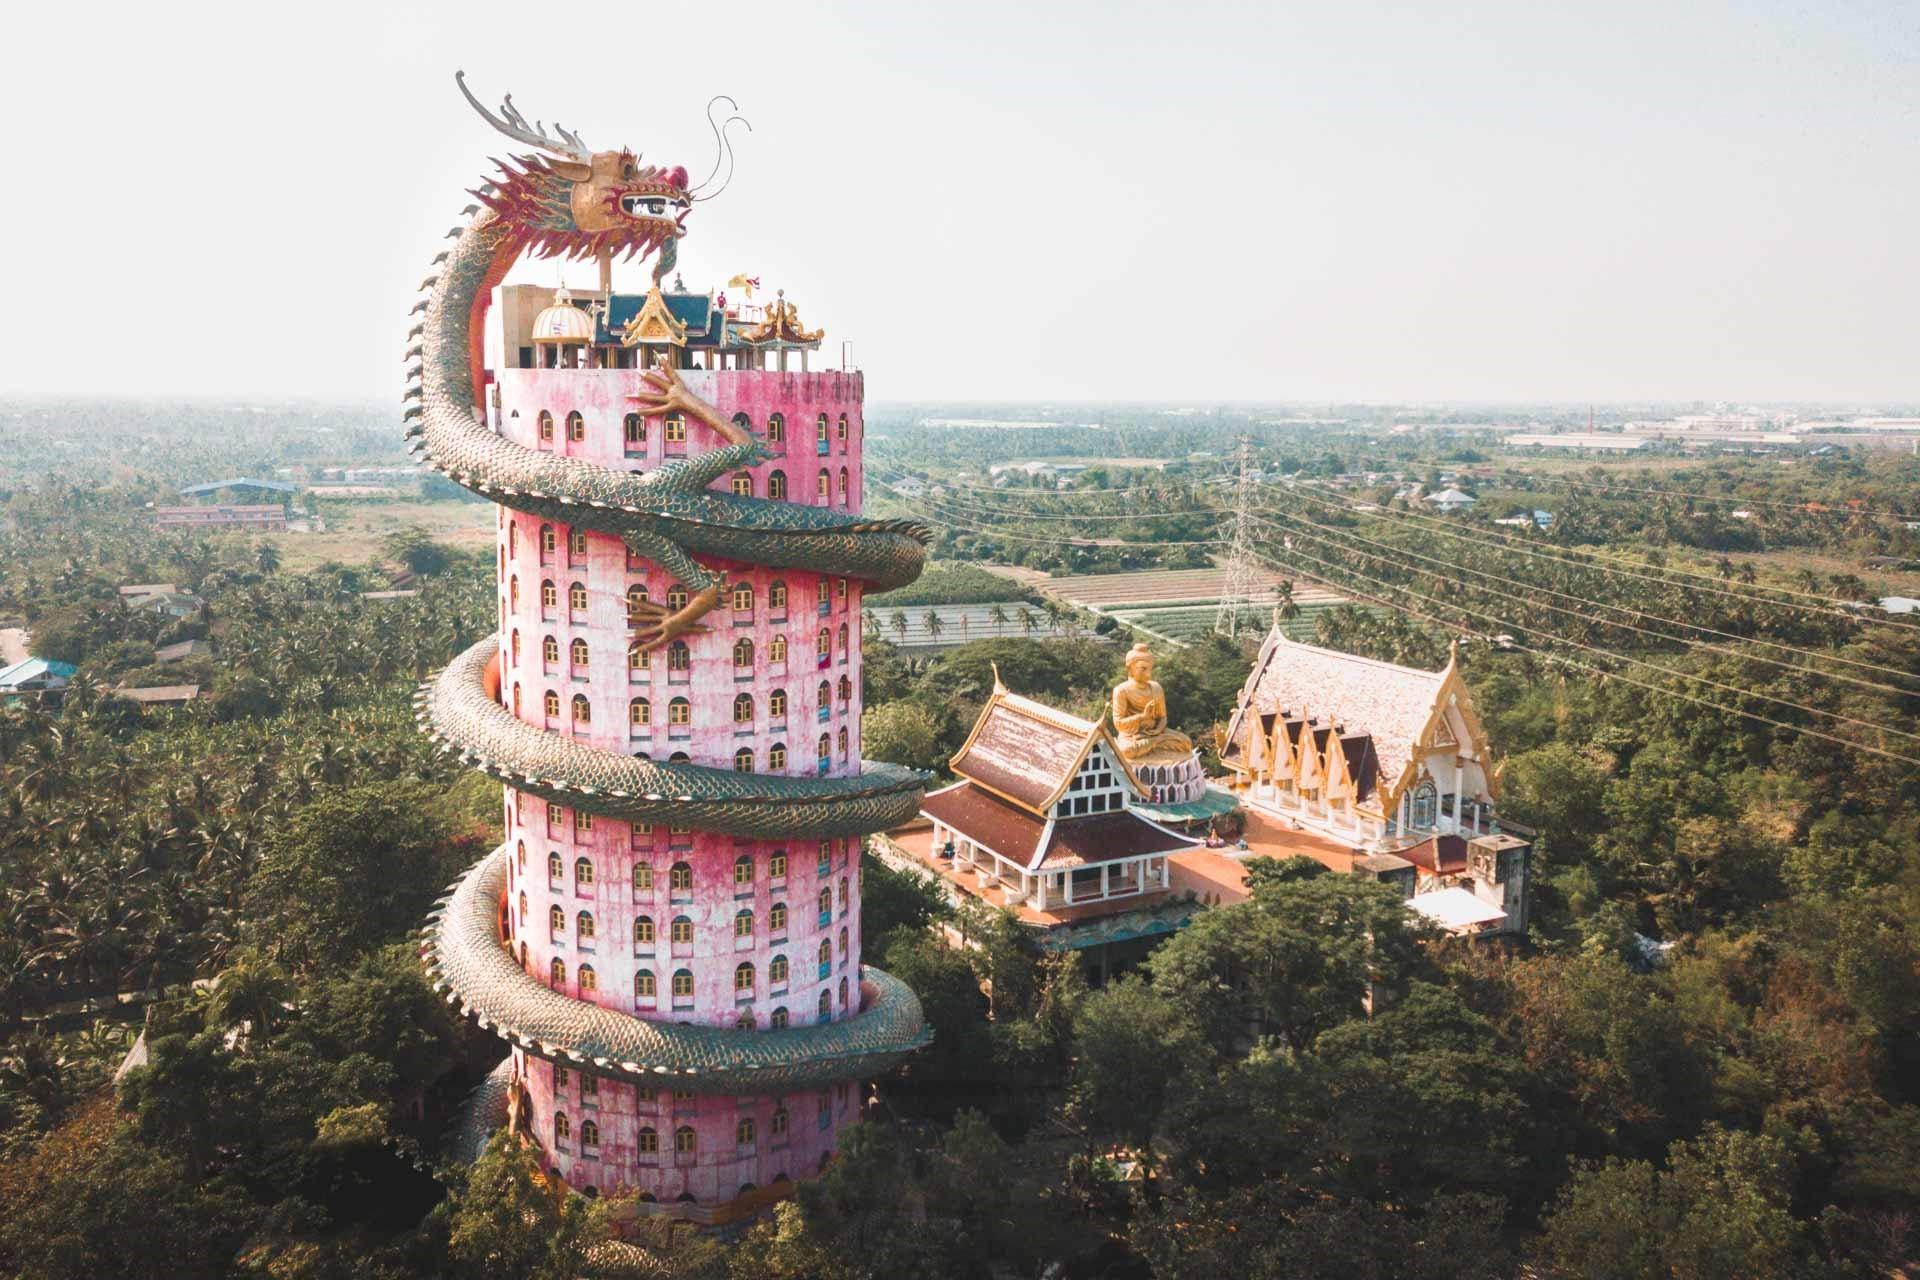 Tòa nhà rồng ở Wat Samphran | 7 kỳ quan kiến trúc độc đáo bậc nhất của Thái Lan | Brain Berries